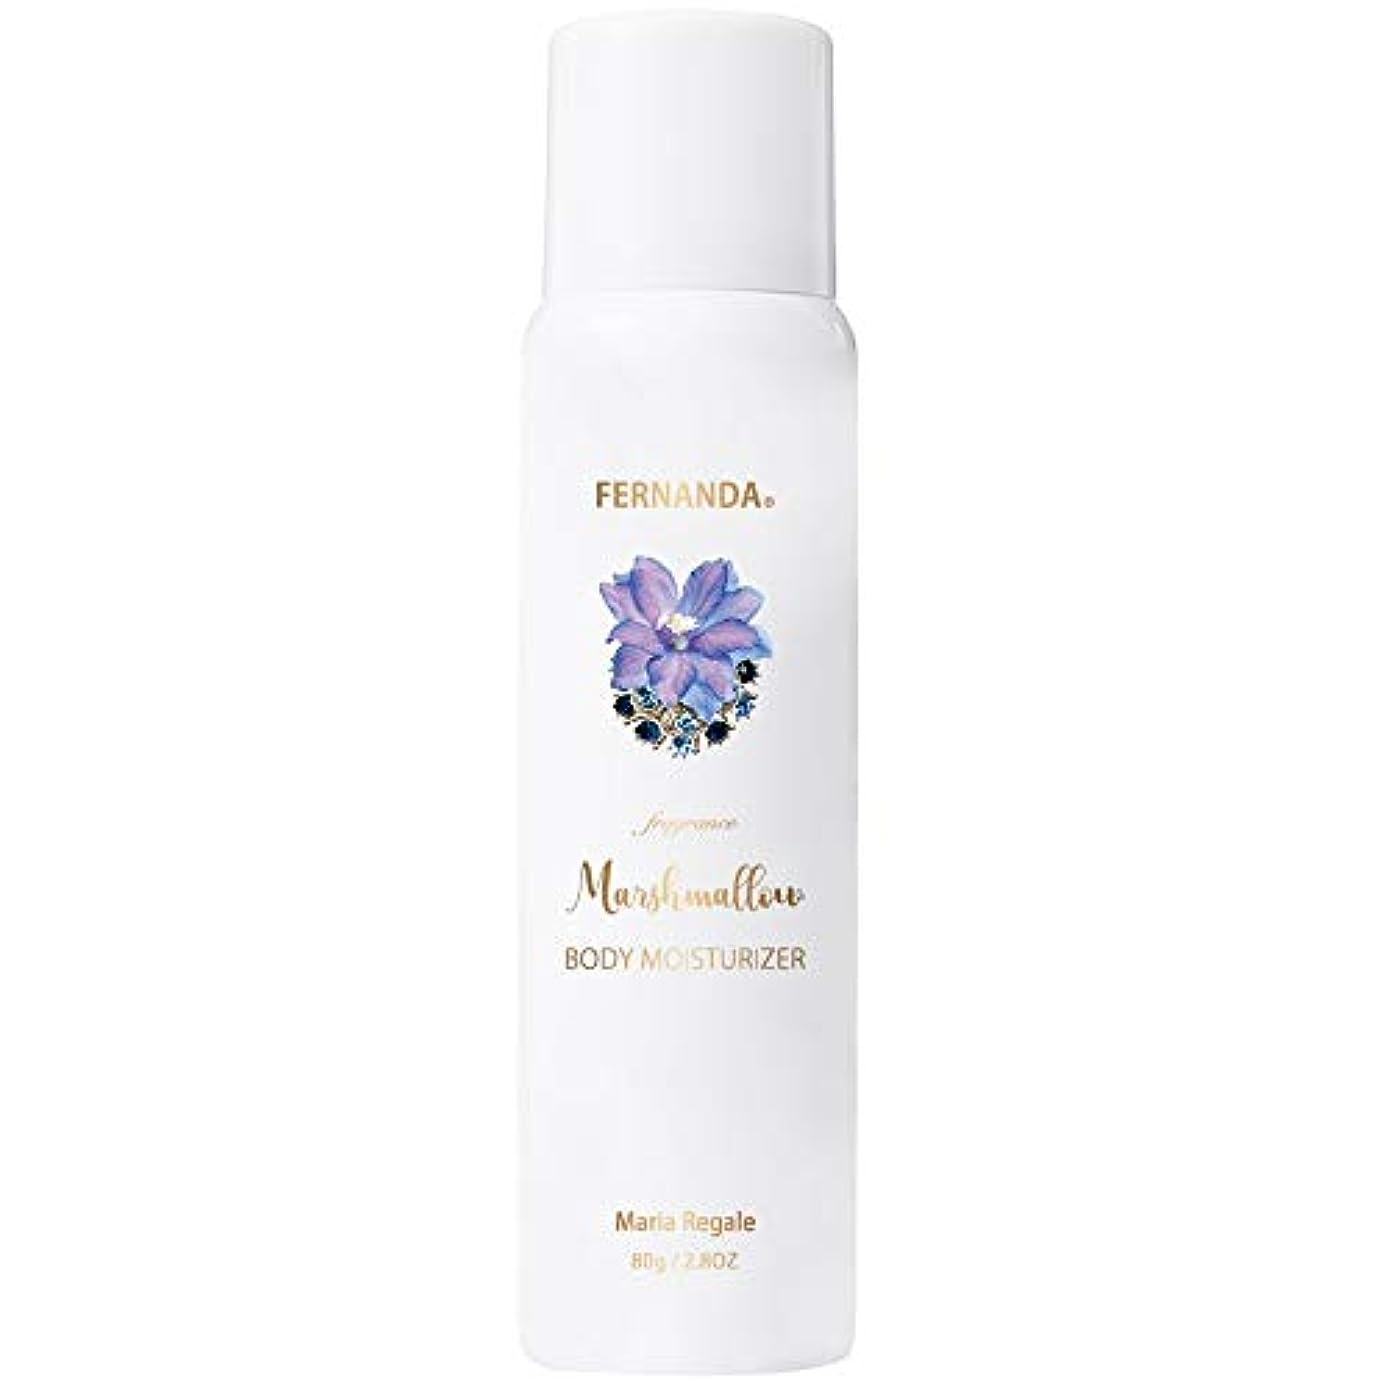 命令的落ちた浸漬FERNANDA(フェルナンダ) Marshmallow Body Moisturizer Maria Regale (マシュマロ ボディ モイスチャライザー マリアリゲル)